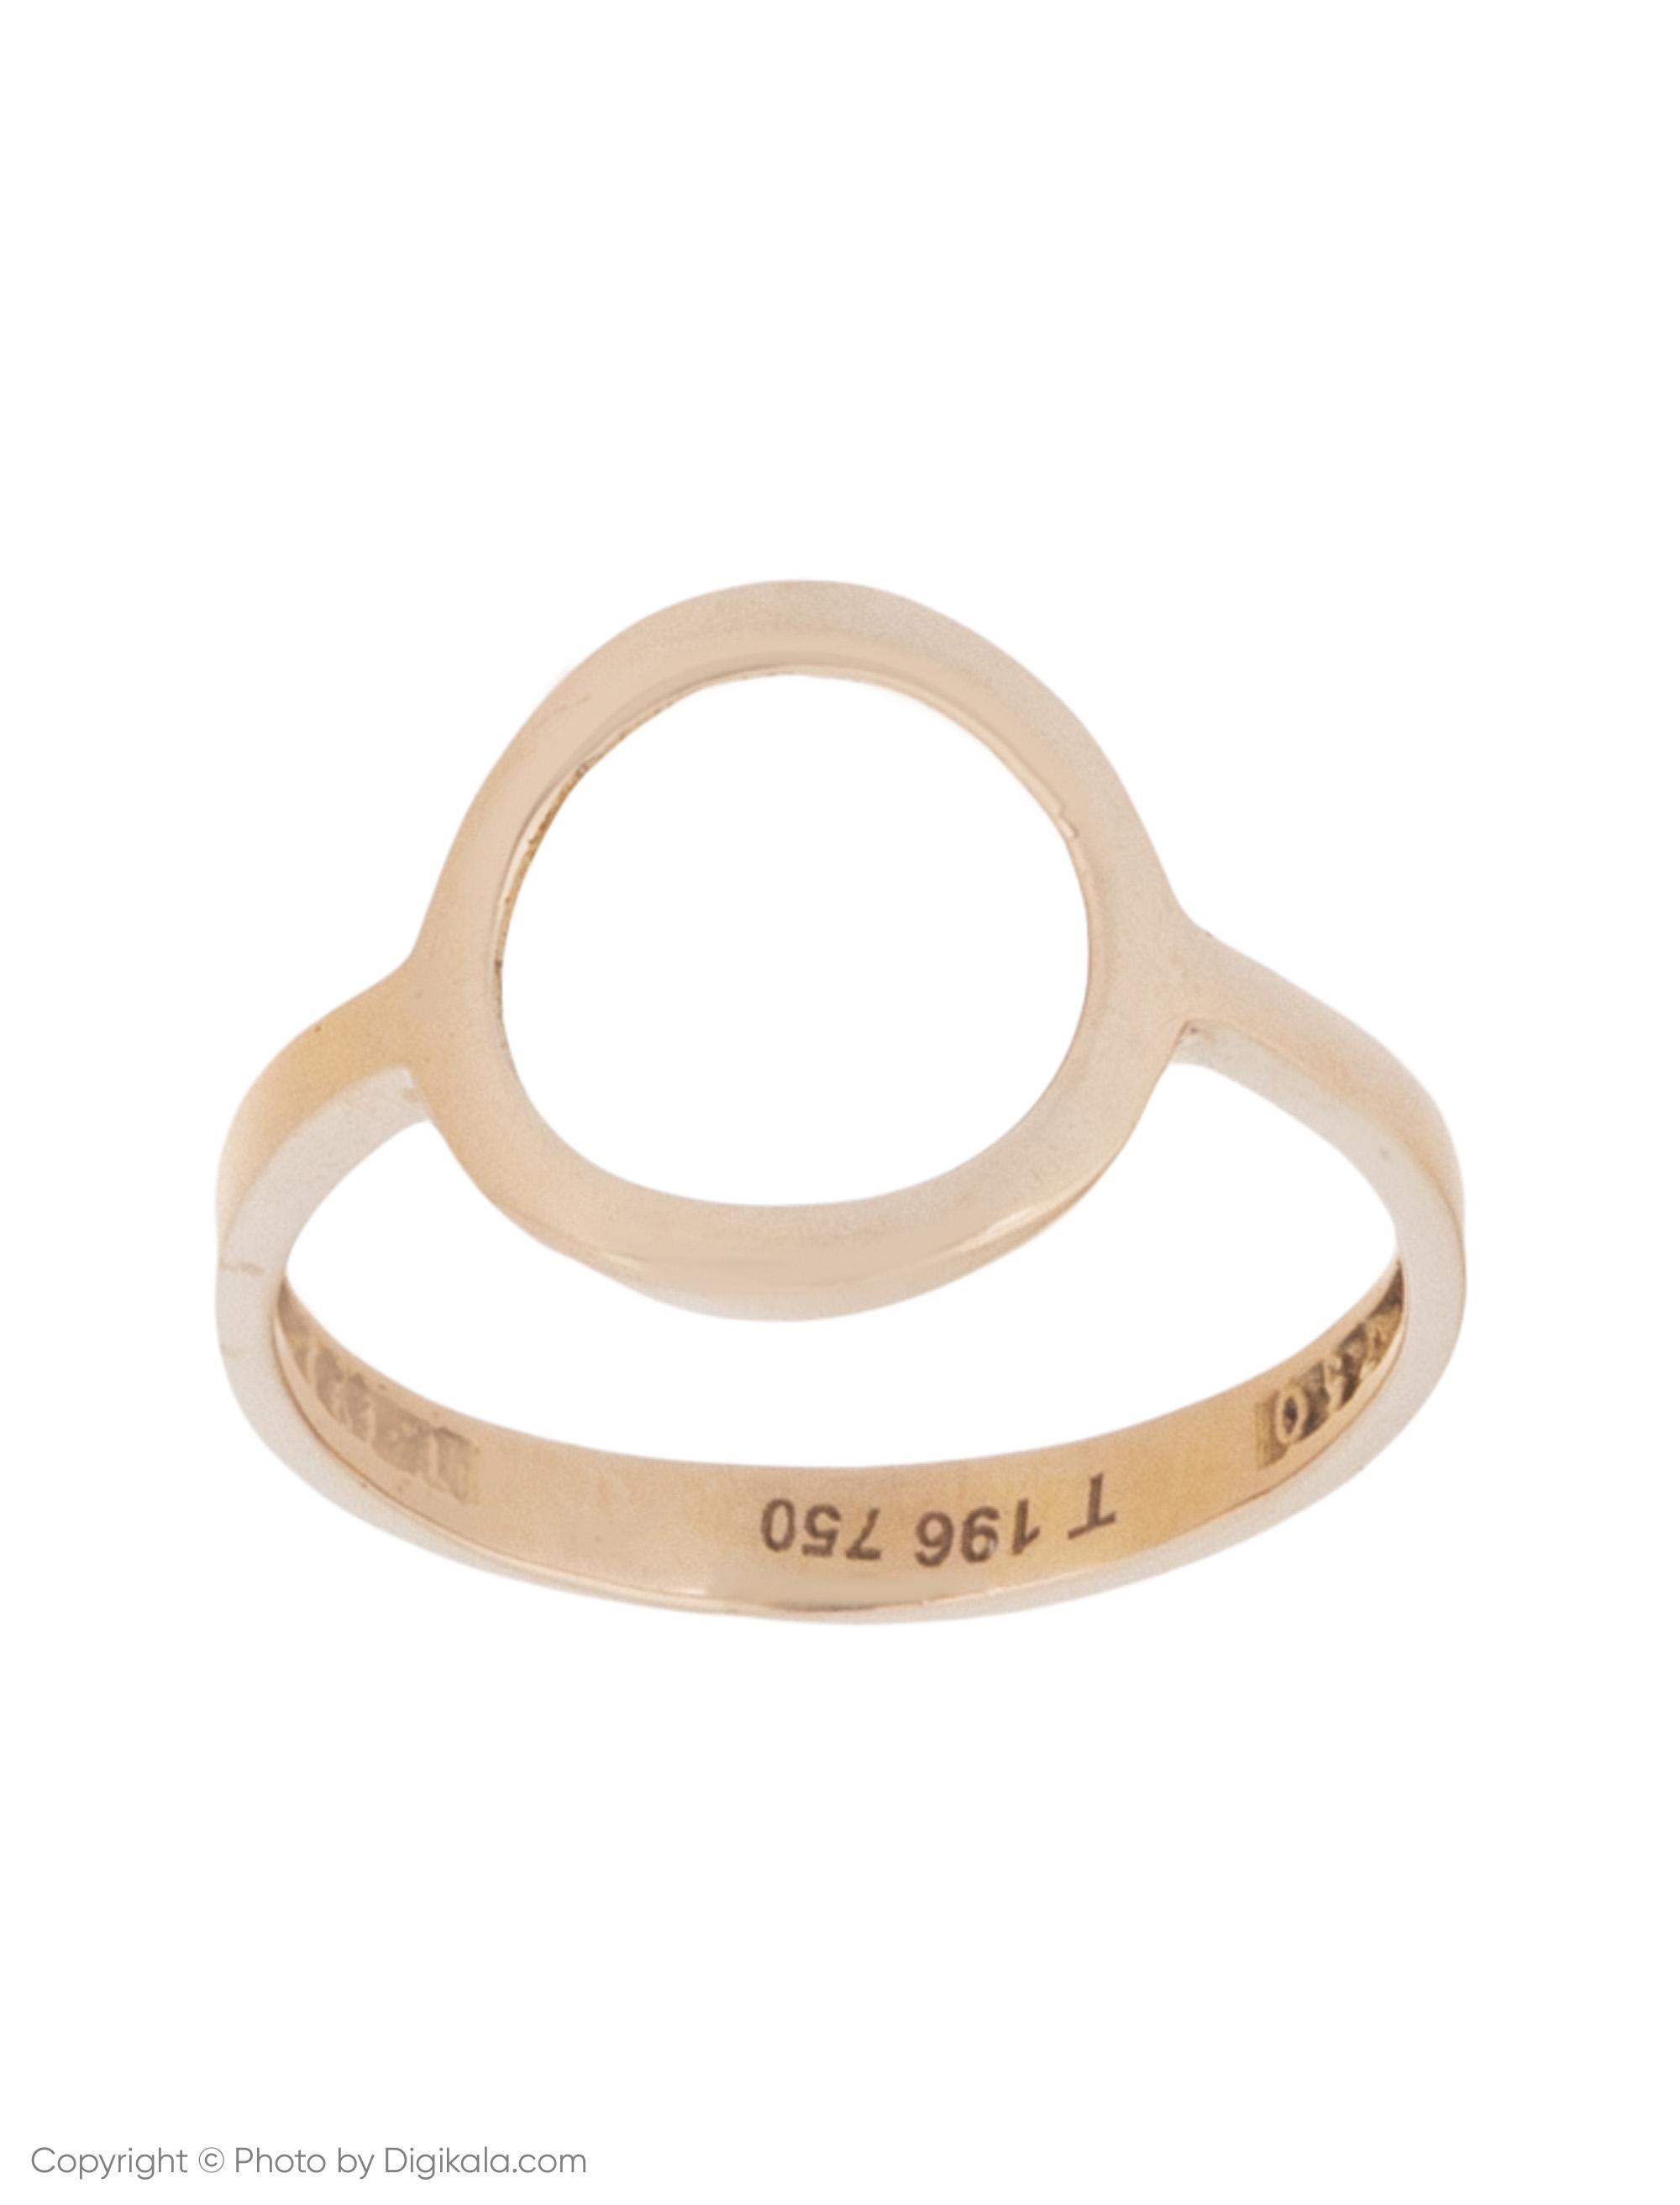 انگشتر طلا 18 عیار زنانه میو استار مدل RG59  Mio Star RG59 Gold Ring For Women